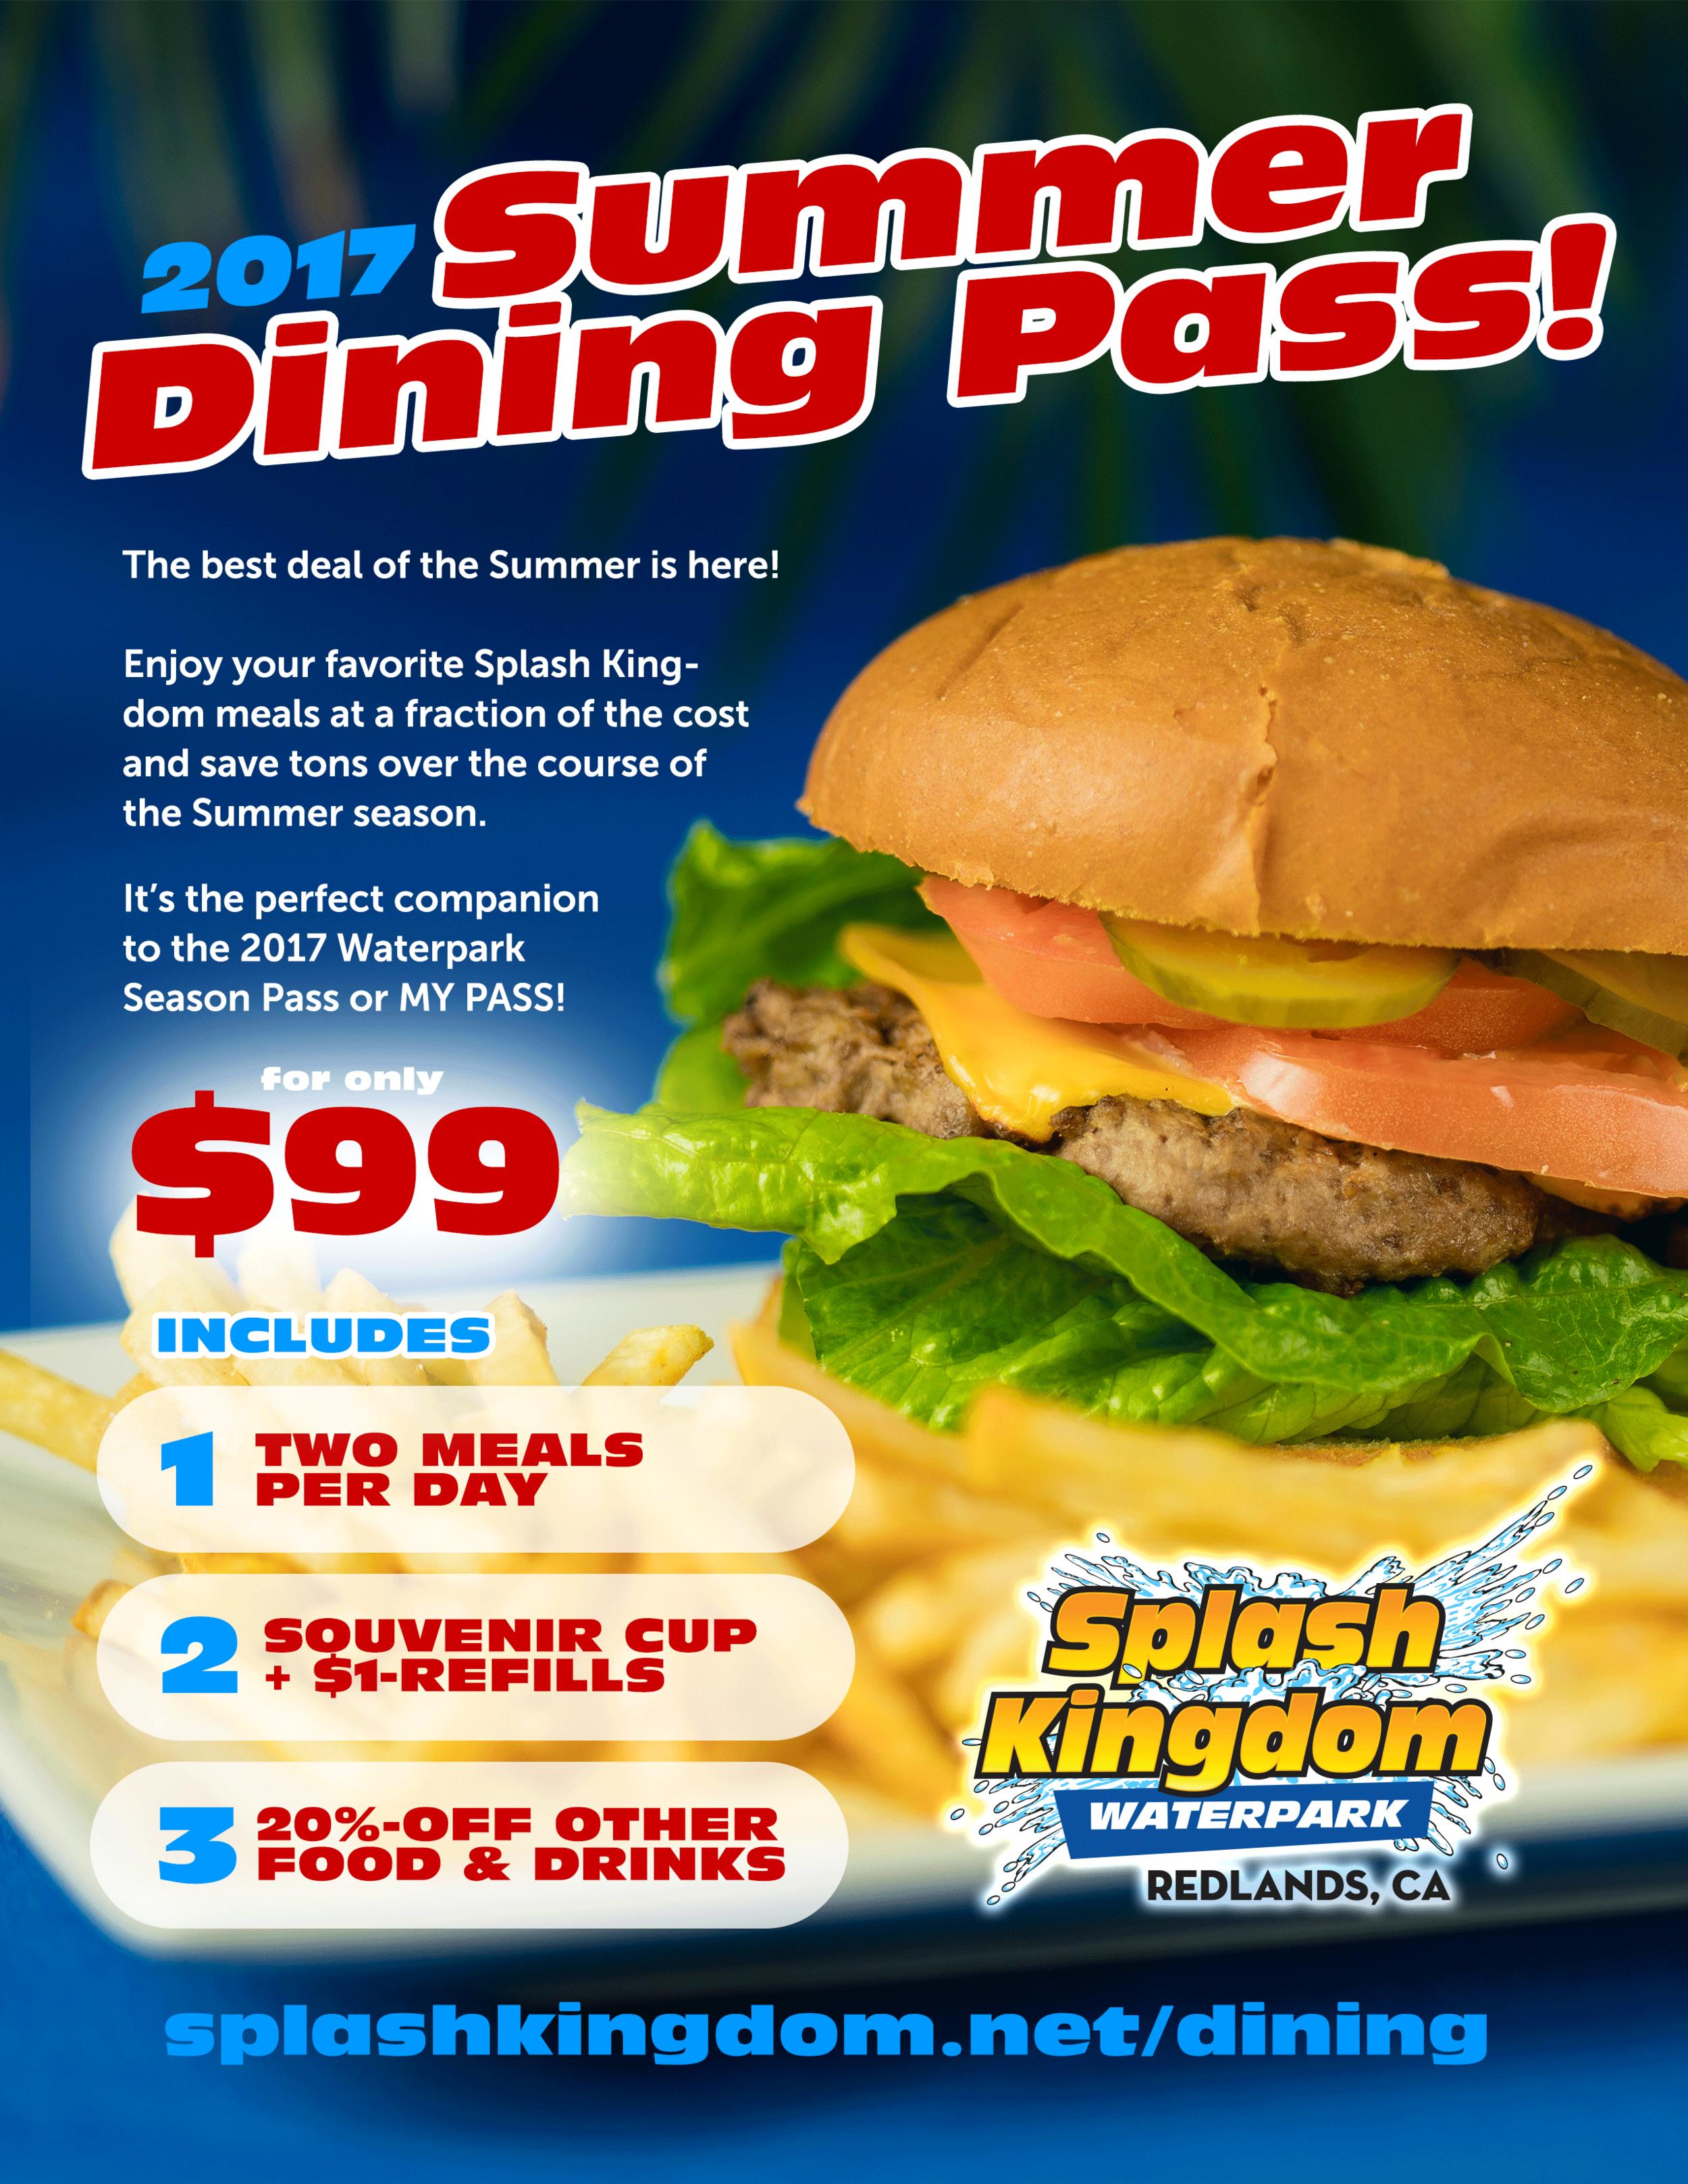 2017-splash-kingdom-waterpark-summer-dining-pass